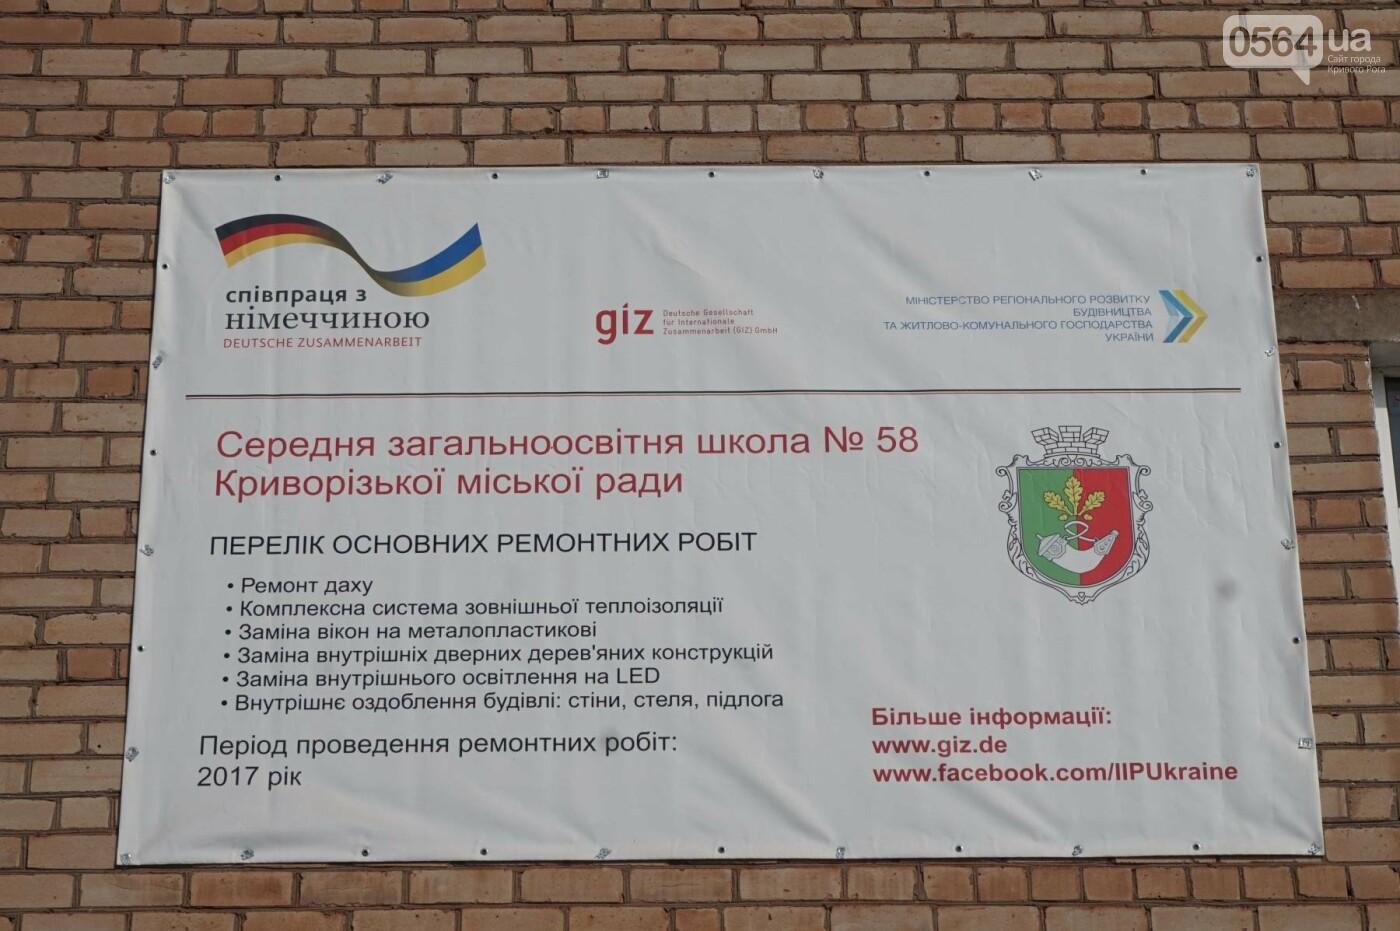 Приближаясь к Европе: Как в школах Кривого Рога внедряют инклюзию (ФОТО), фото-36